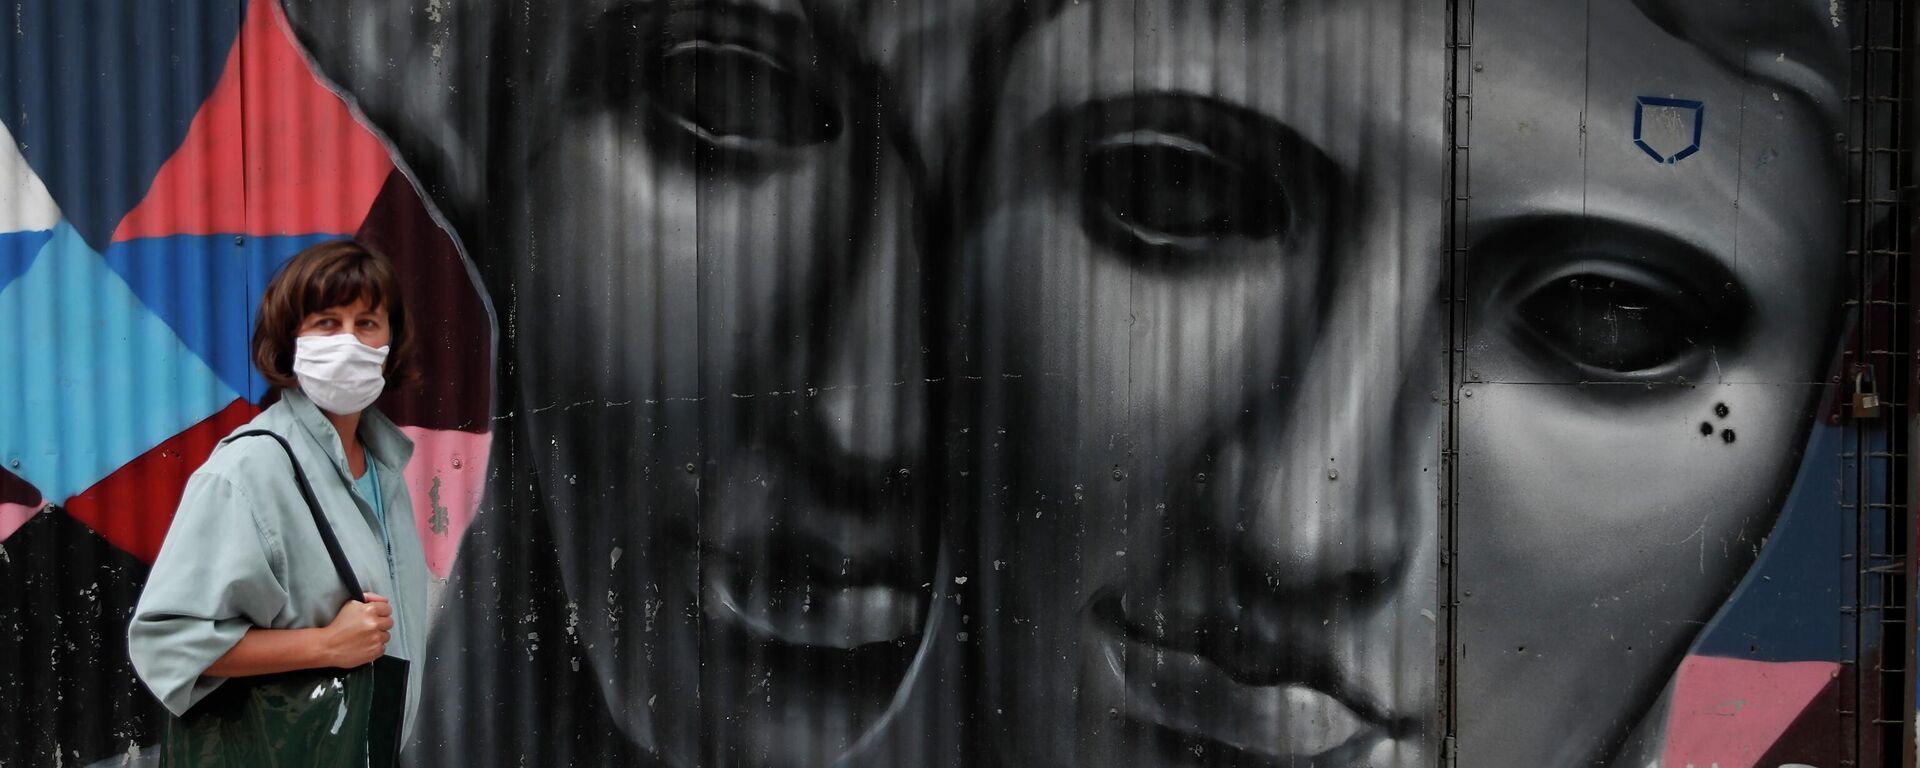 Κορονοϊός στην Αθήνα - Sputnik Ελλάδα, 1920, 03.10.2021